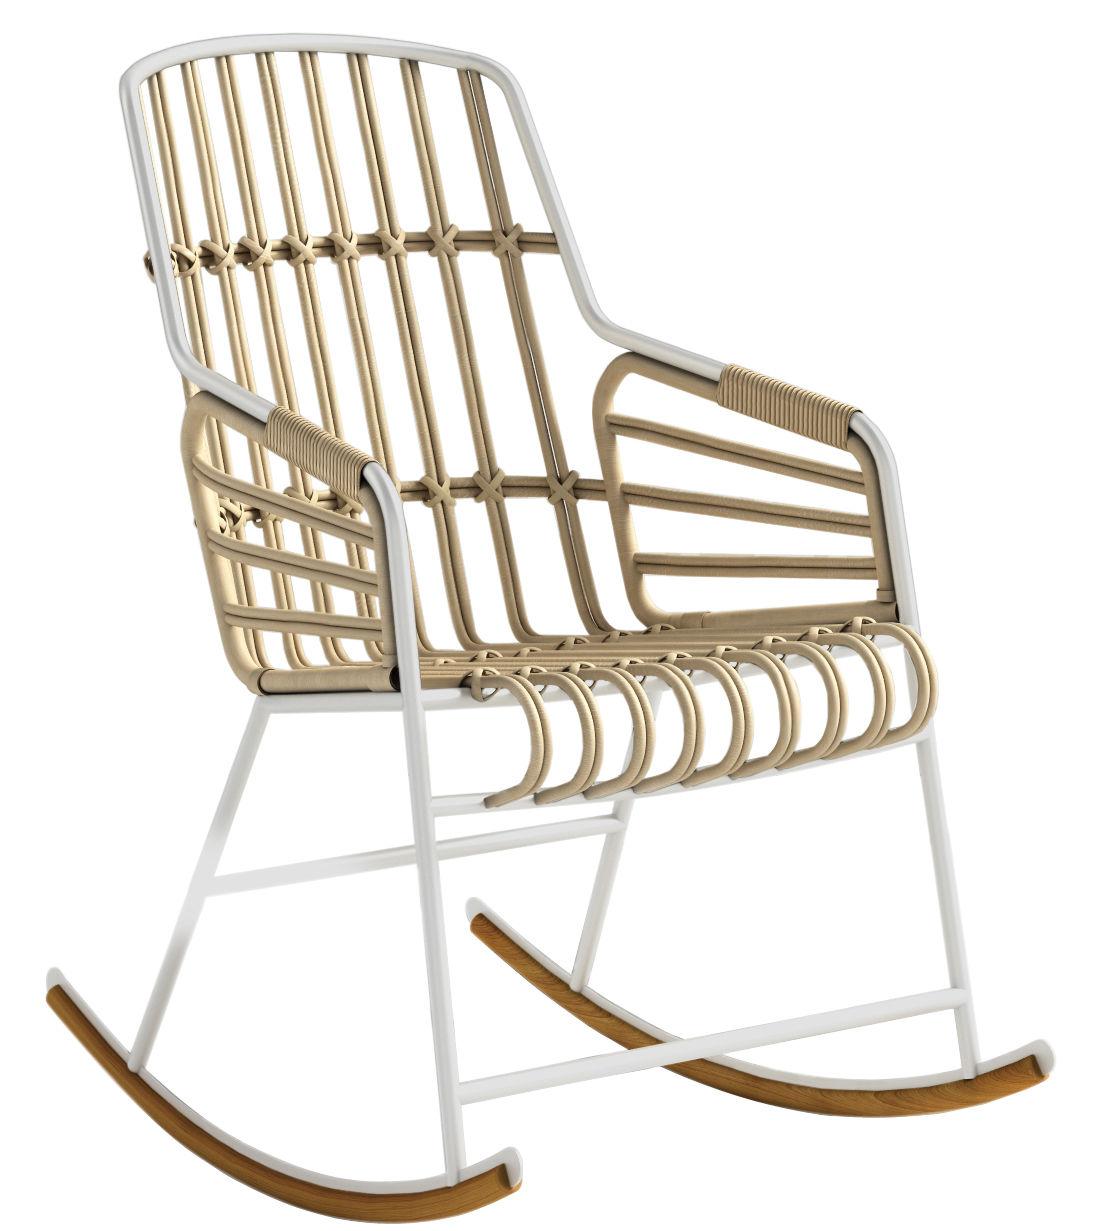 Mobilier - Fauteuils - Rocking chair Raphia - Casamania - Blanc - Jonc, Métal verni